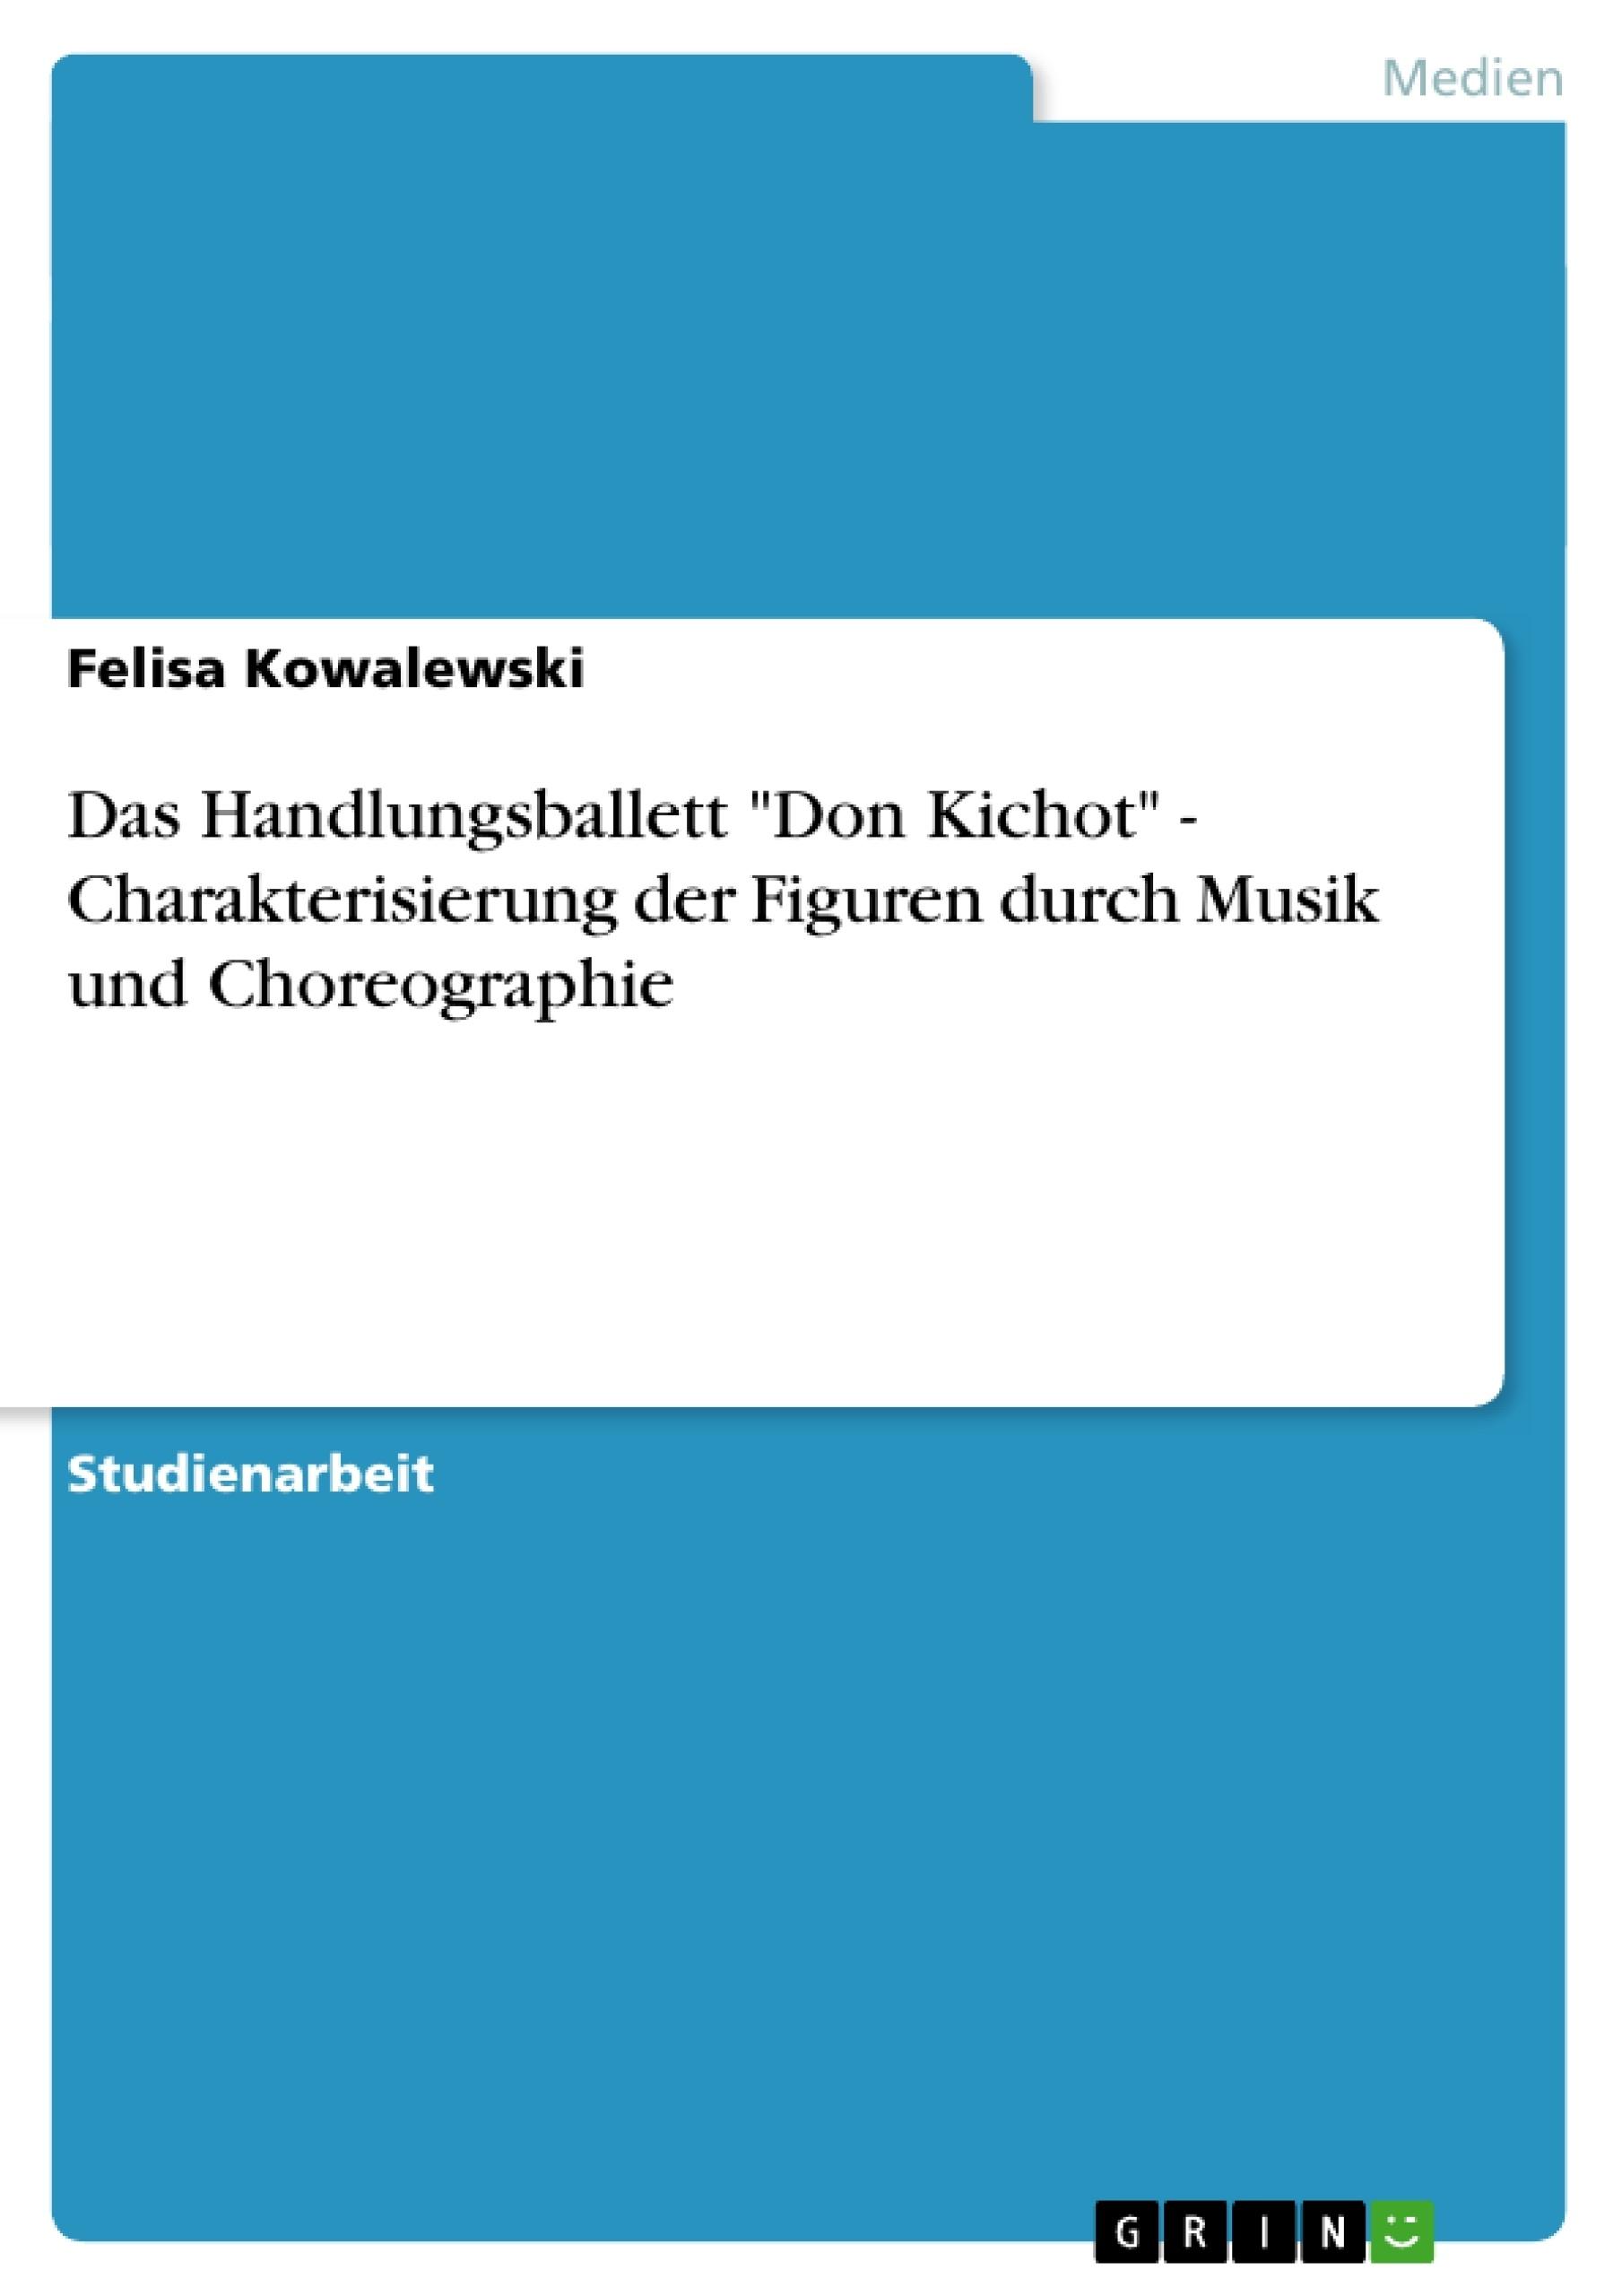 """Titel: Das Handlungsballett """"Don Kichot"""" - Charakterisierung der Figuren durch Musik und Choreographie"""